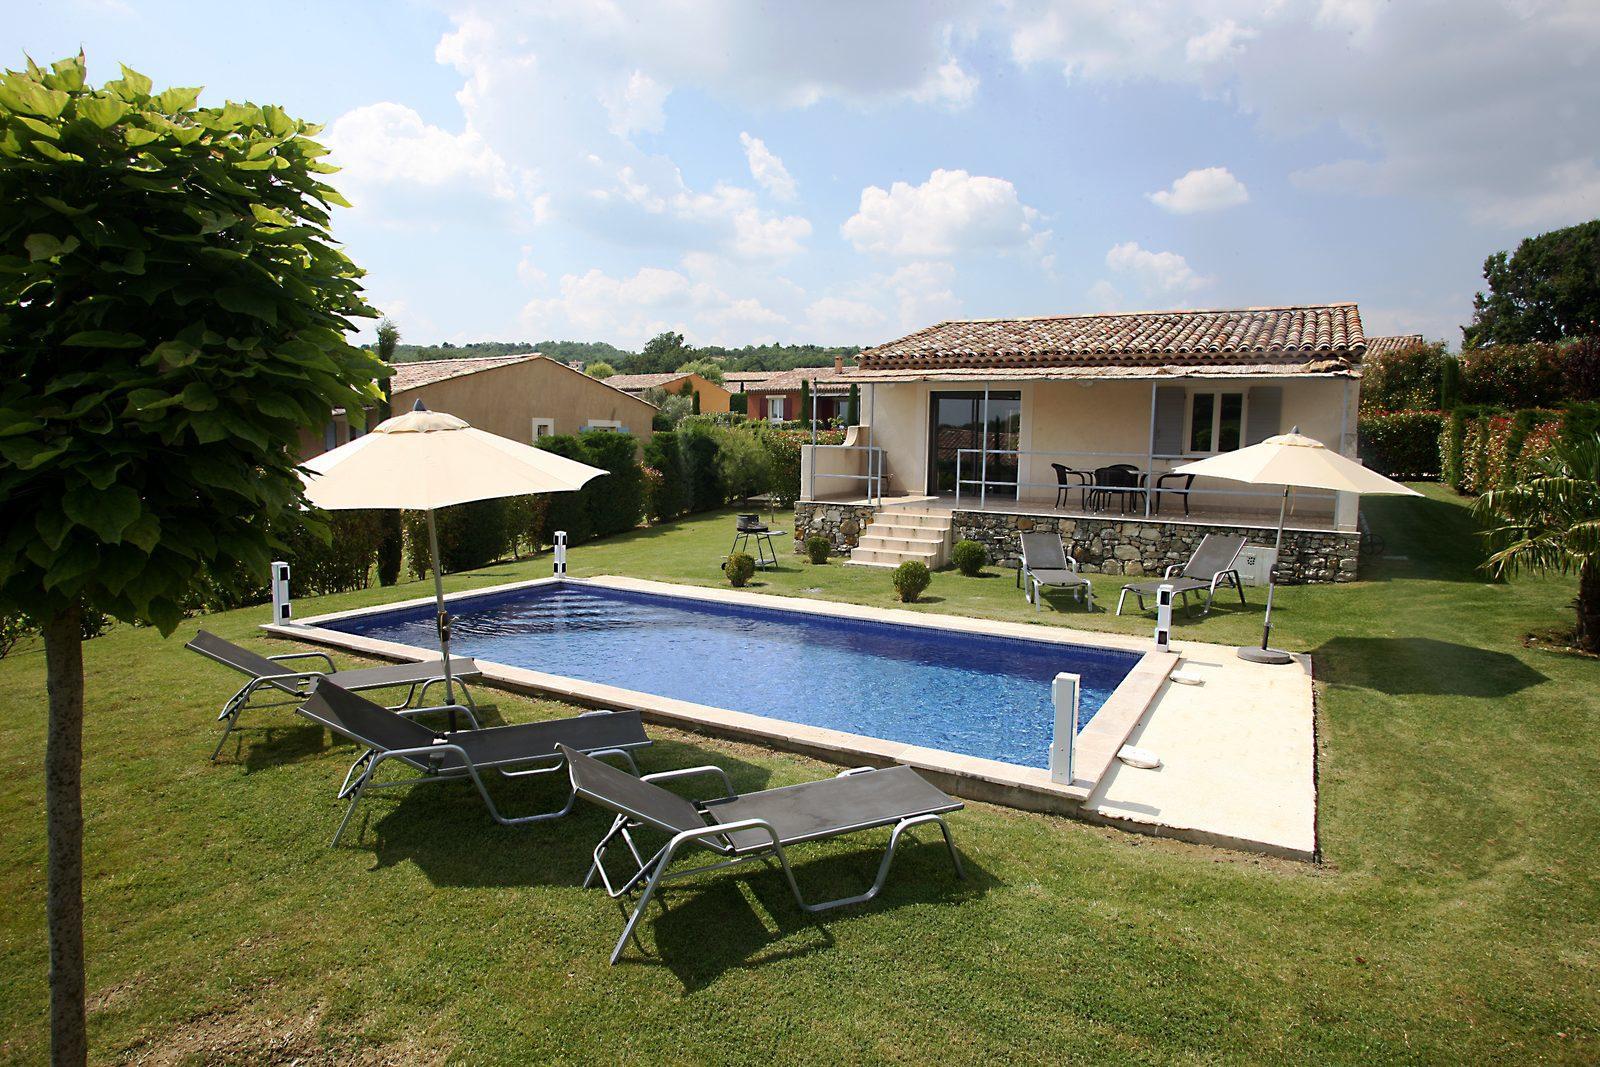 Vakantiehuizen Frankrijk met verwarmd zwembad